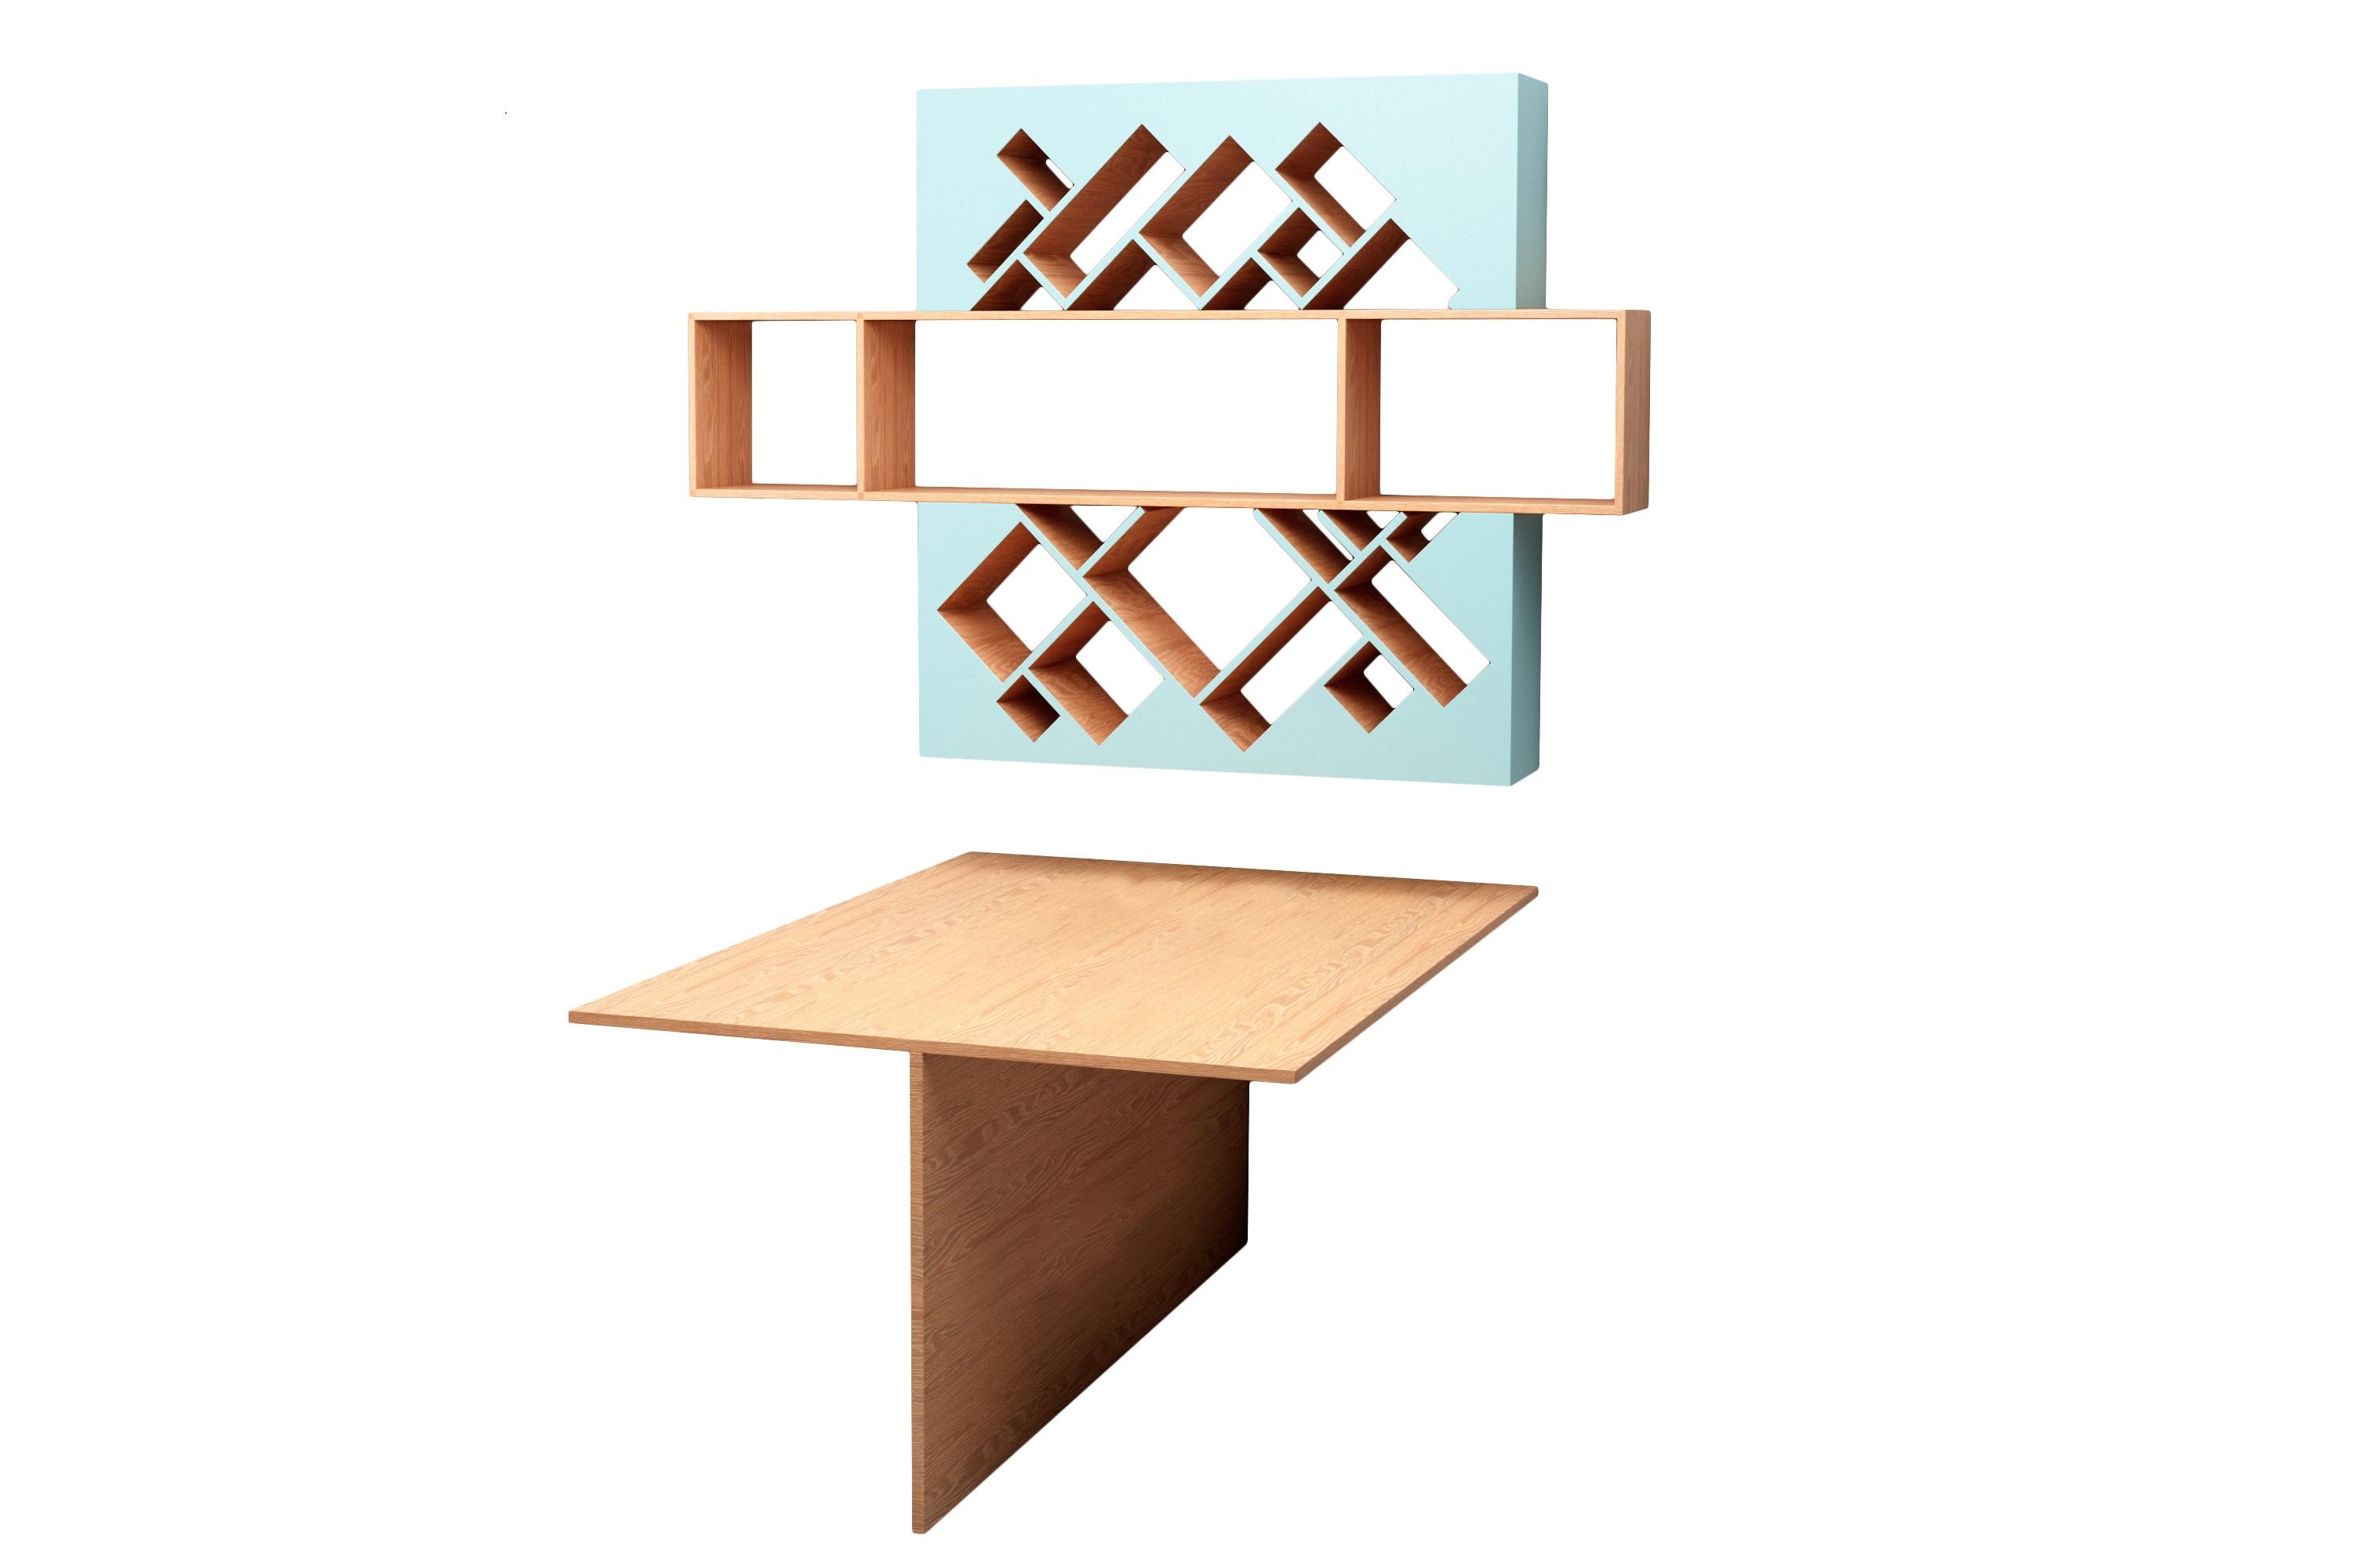 Рабочее место ГеометрияКомплекты мебели<br>Необычная полка оживит ваше рабочее место! Стол на две персоны&amp;amp;nbsp;&amp;lt;div&amp;gt;&amp;lt;br&amp;gt;&amp;lt;/div&amp;gt;&amp;lt;div&amp;gt;Размеры: стол - 115x162x75см;&amp;amp;nbsp;&amp;lt;/div&amp;gt;&amp;lt;div&amp;gt;Полка - 183x127x25см&amp;amp;nbsp;&amp;lt;/div&amp;gt;&amp;lt;div&amp;gt;Материал: МДФ, шпон&amp;amp;nbsp;&amp;lt;/div&amp;gt;<br><br>Material: МДФ<br>Ширина см: 183.0<br>Высота см: 127.0<br>Глубина см: 24.0